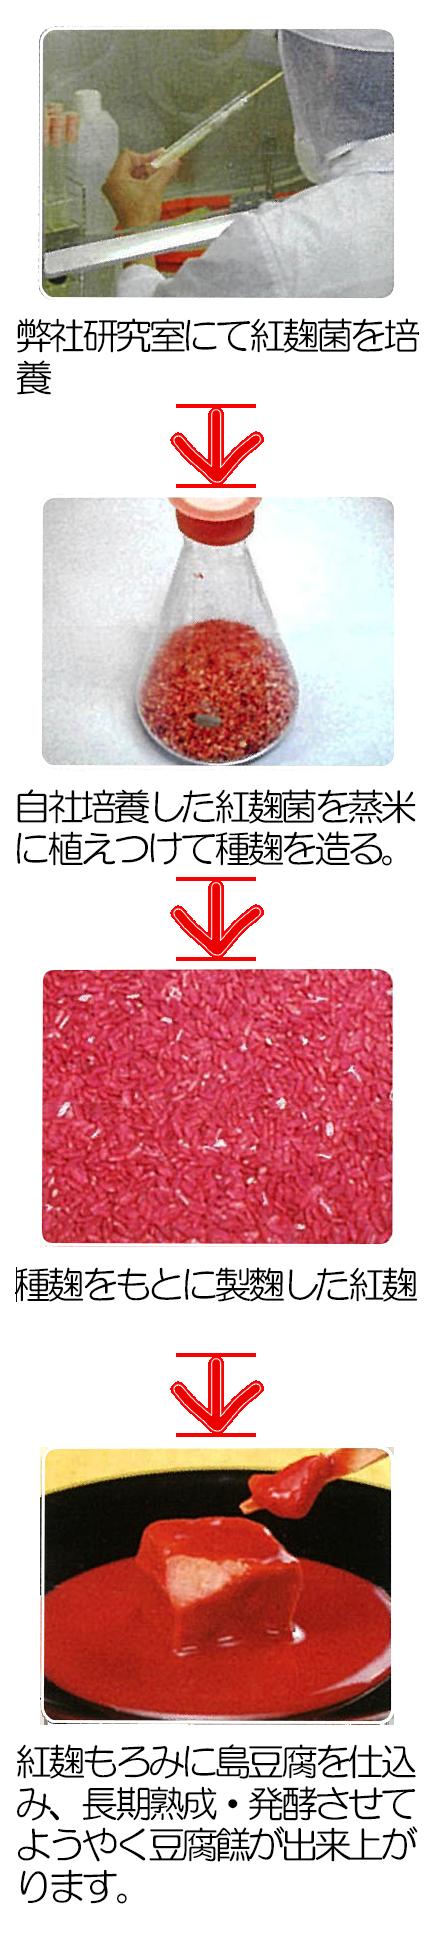 紅麹培養工程